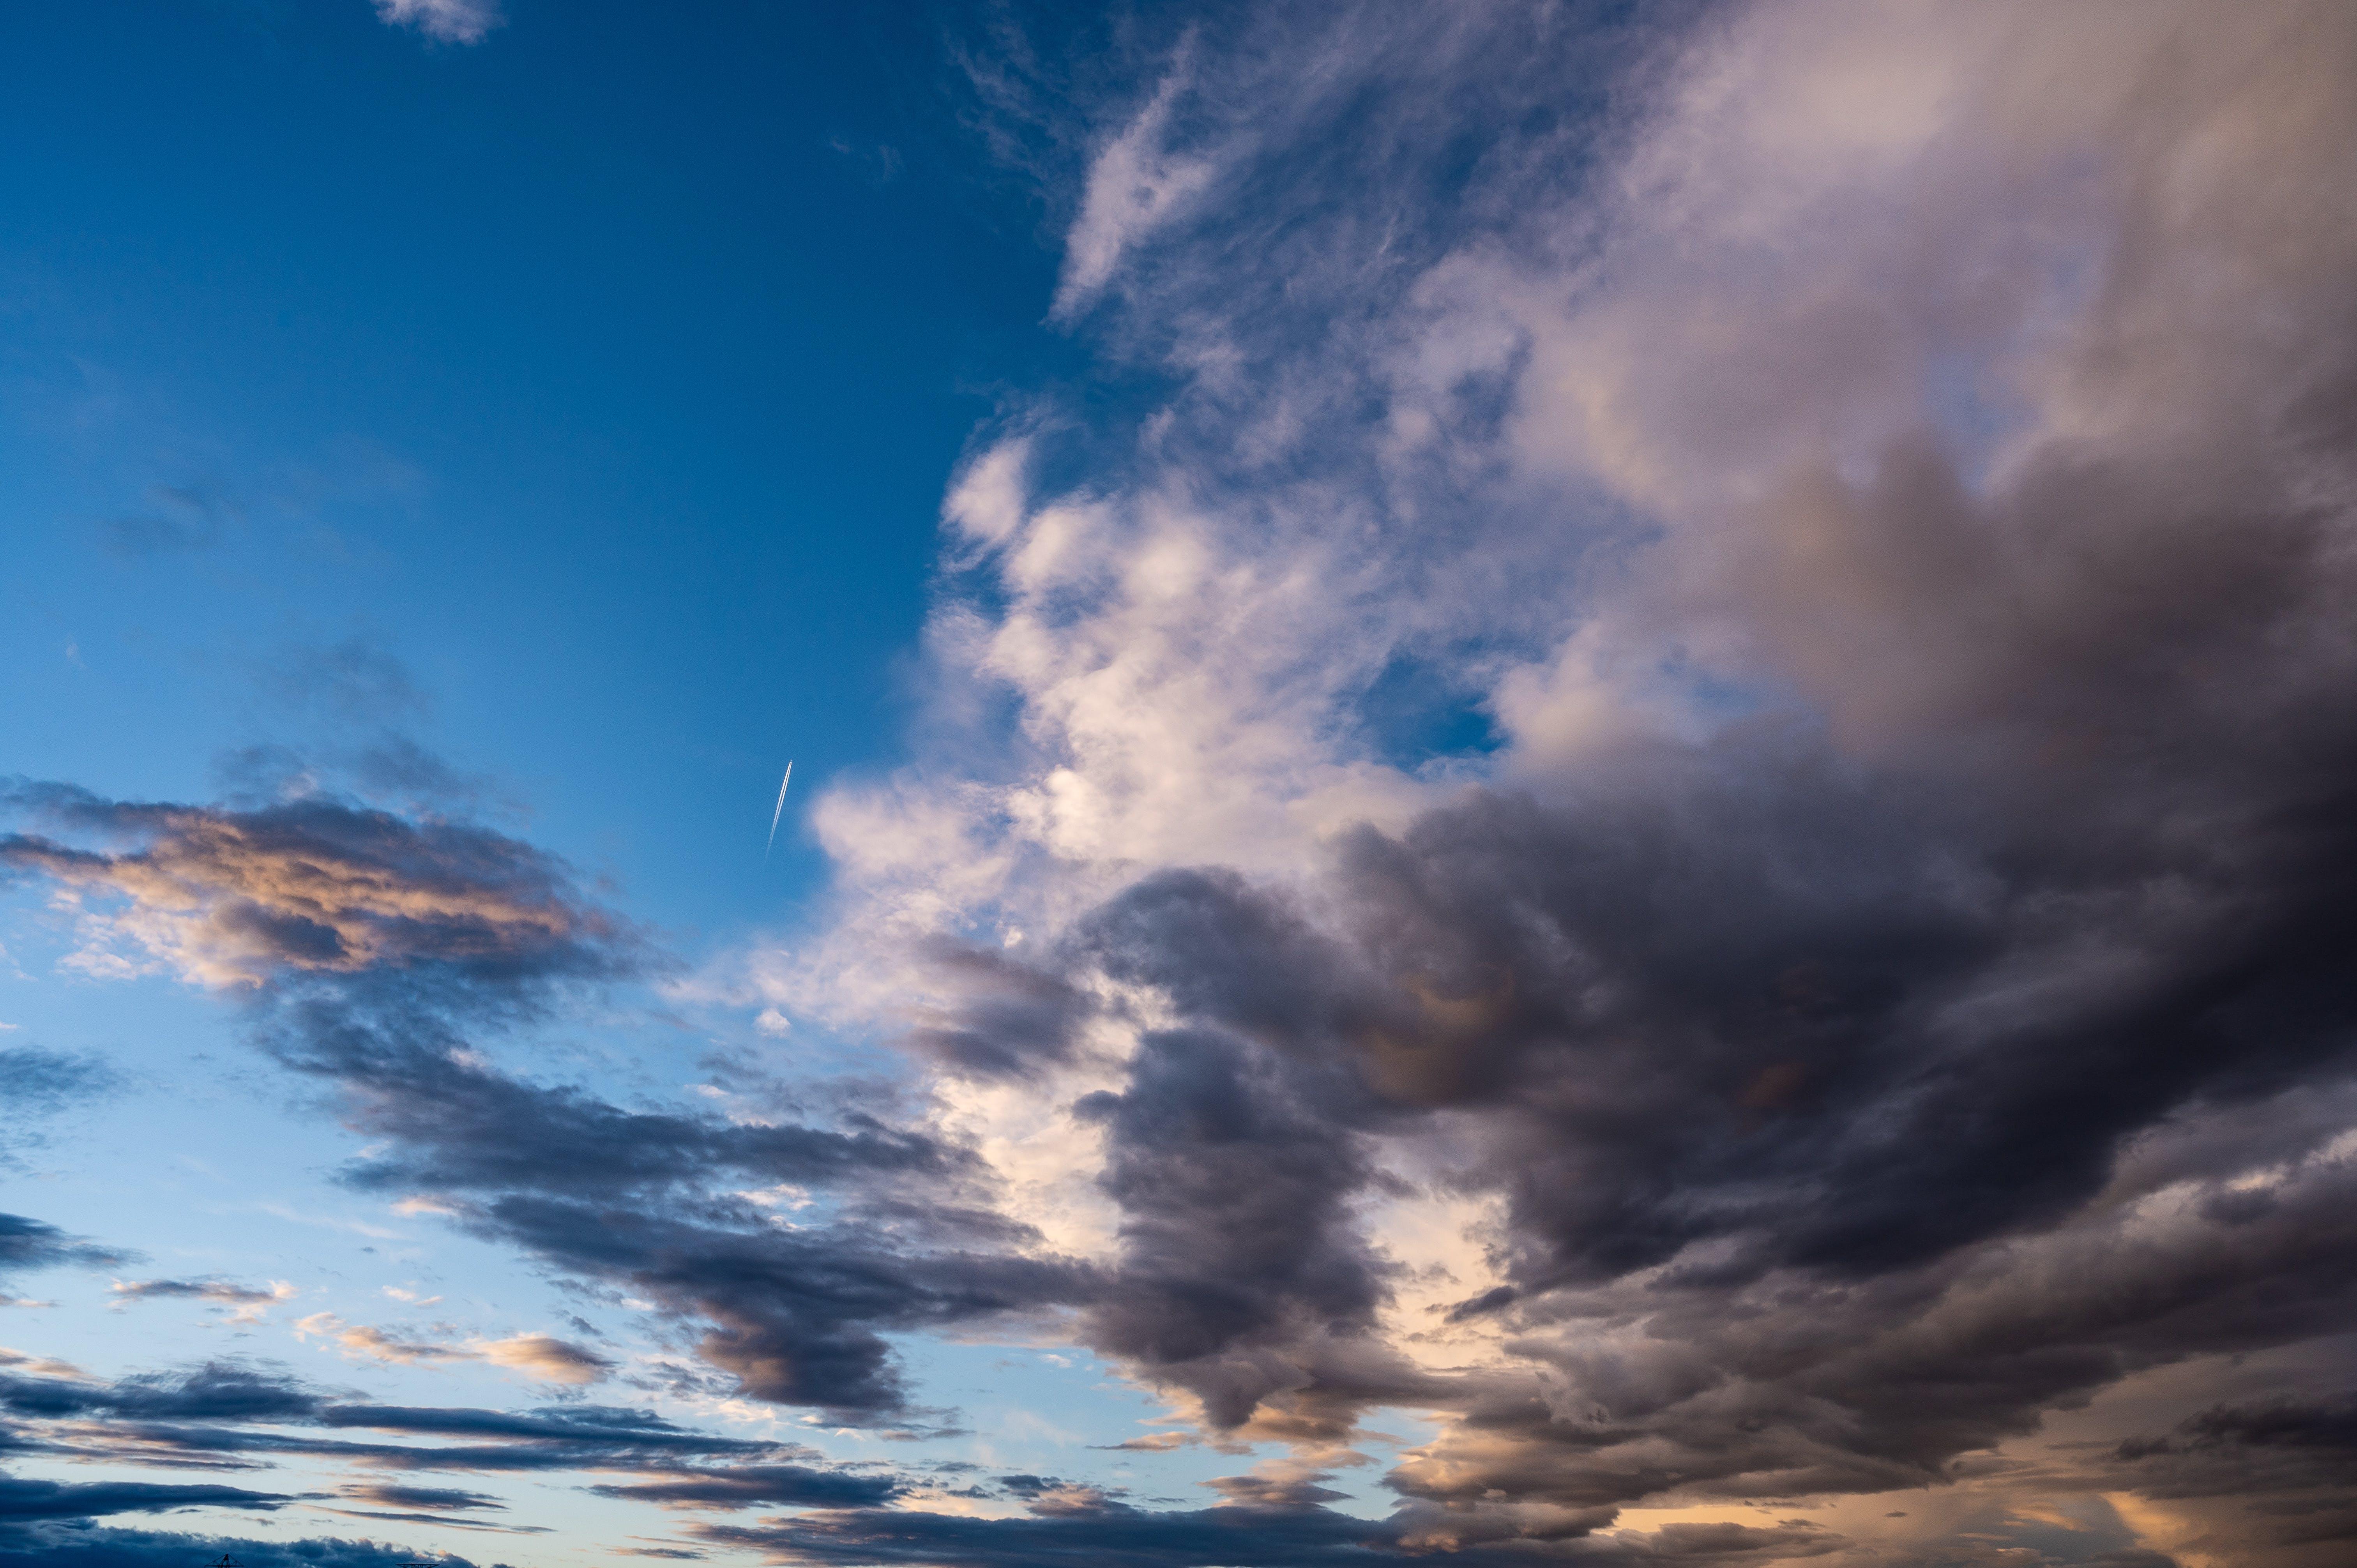 4k 바탕화면, HD 바탕화면, 경치가 좋은, 구름의 무료 스톡 사진